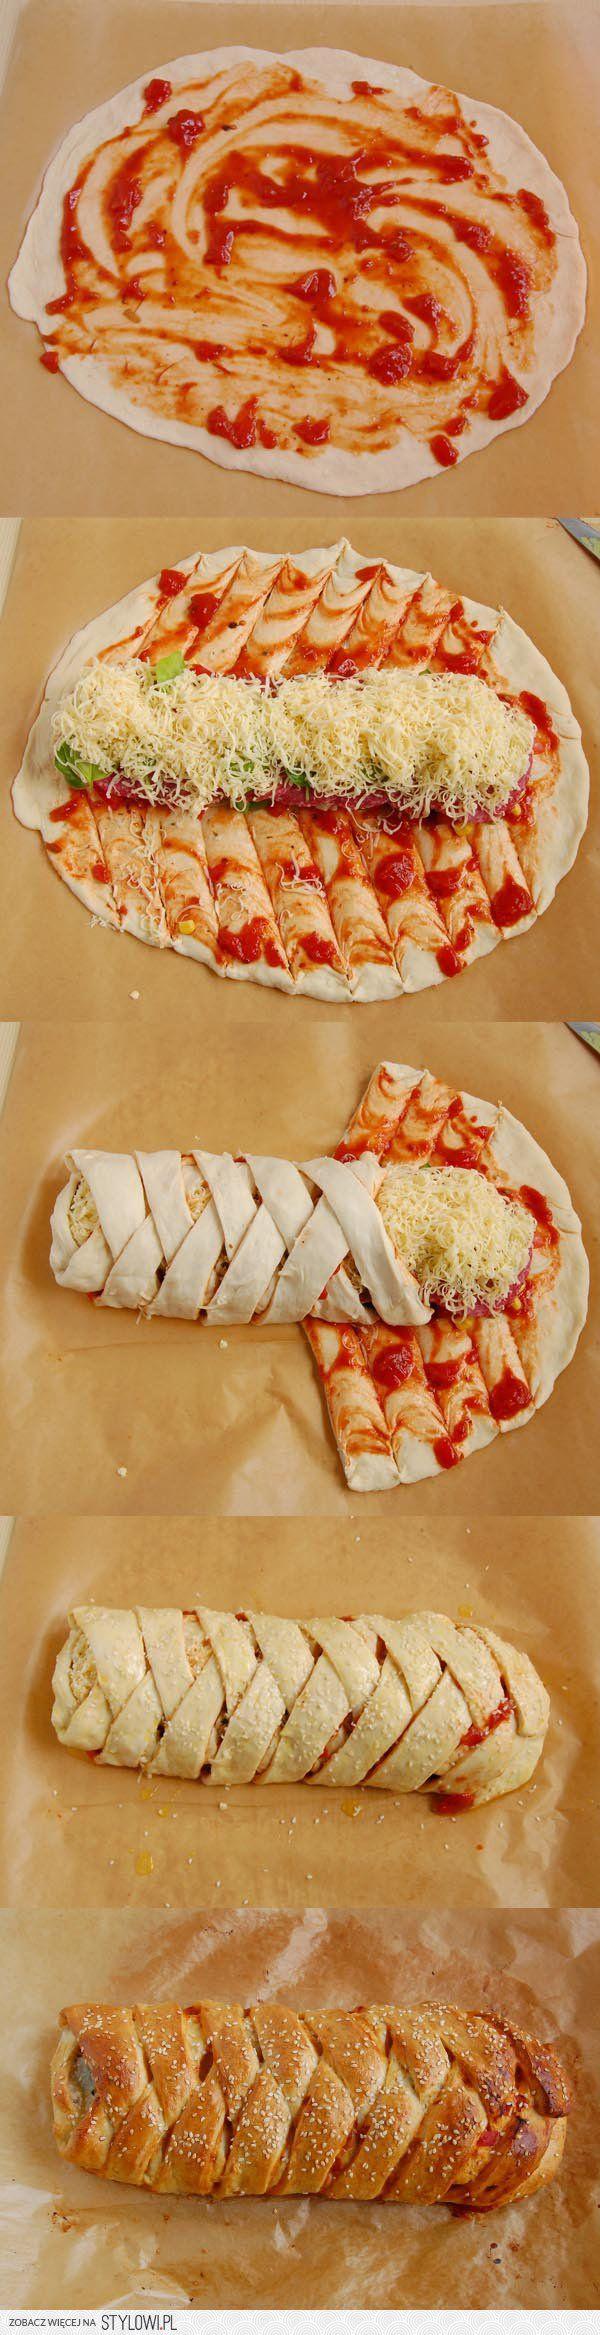 Stromboli to rodzaj zawijanej pizzy, w sieci można znal…